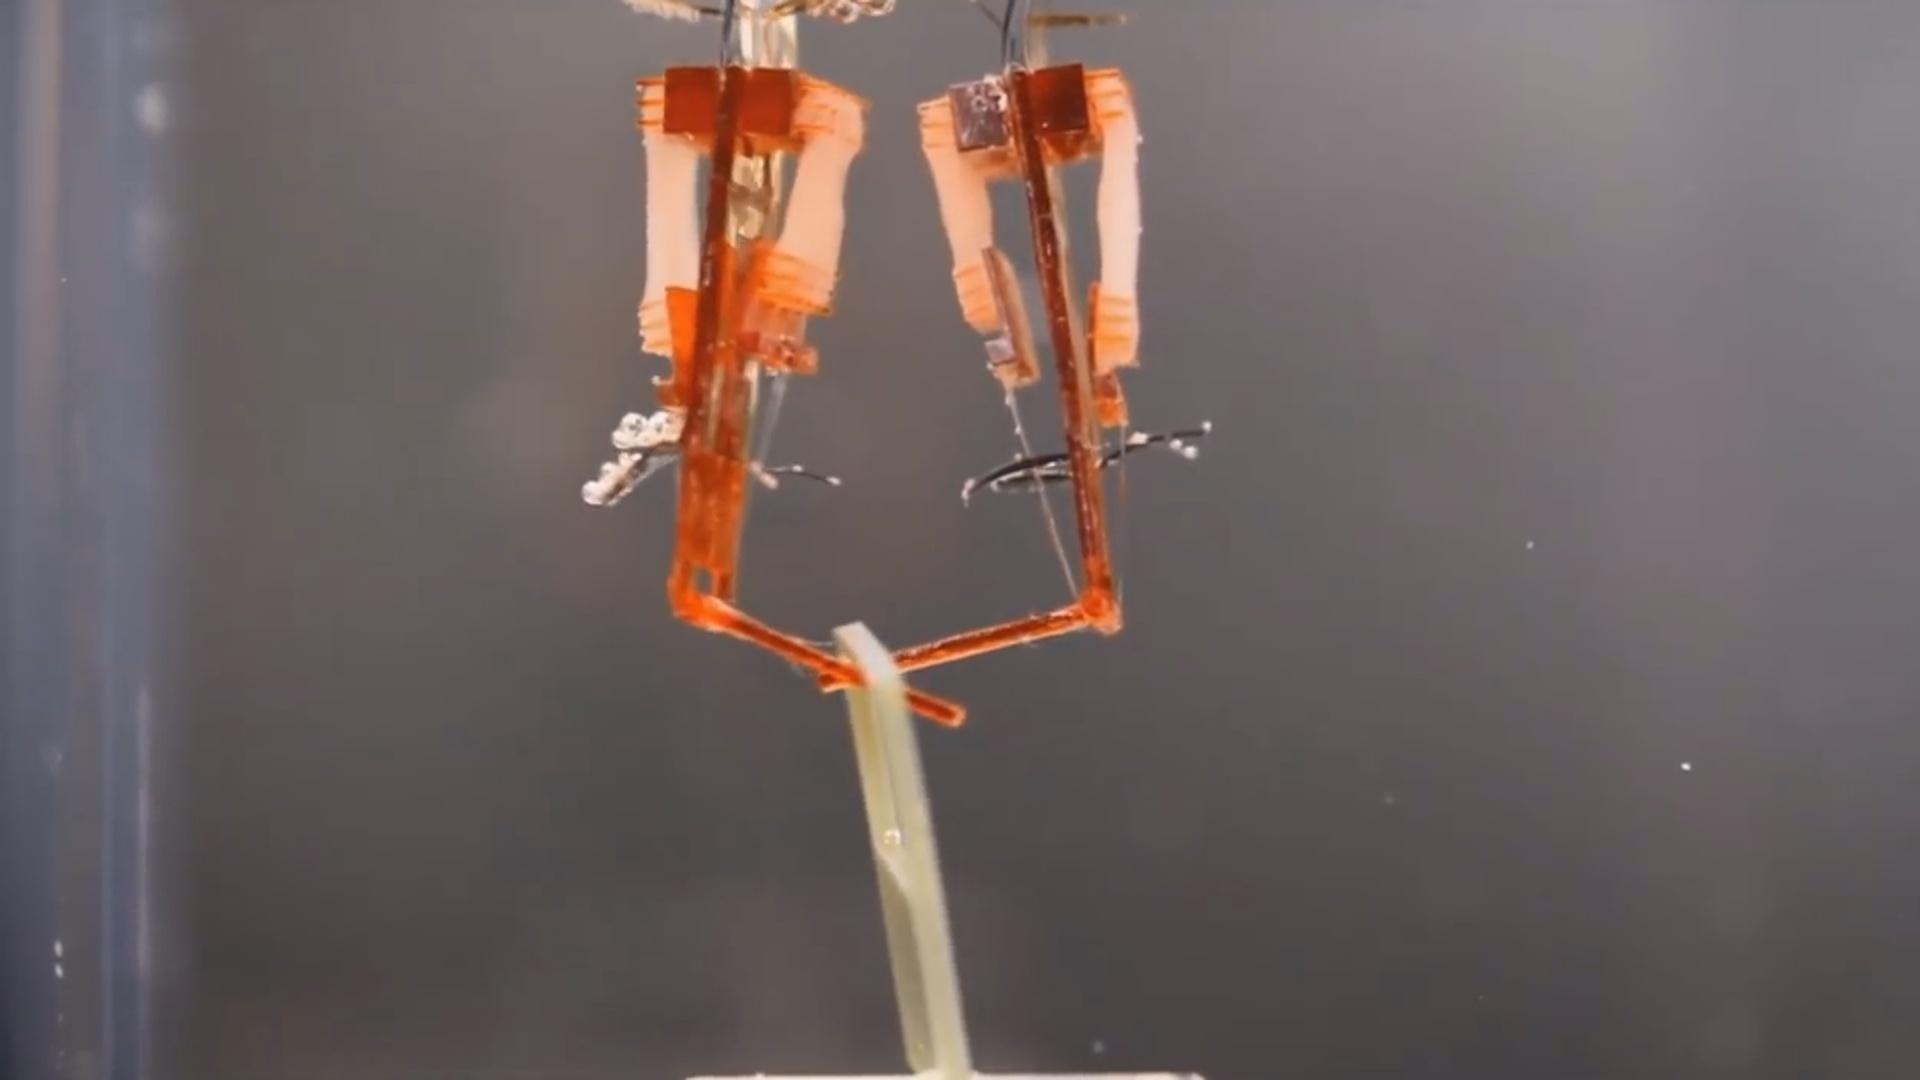 Əzələli robotlar 90 dərəcə bükülmək qabiliyyətinə malikdir